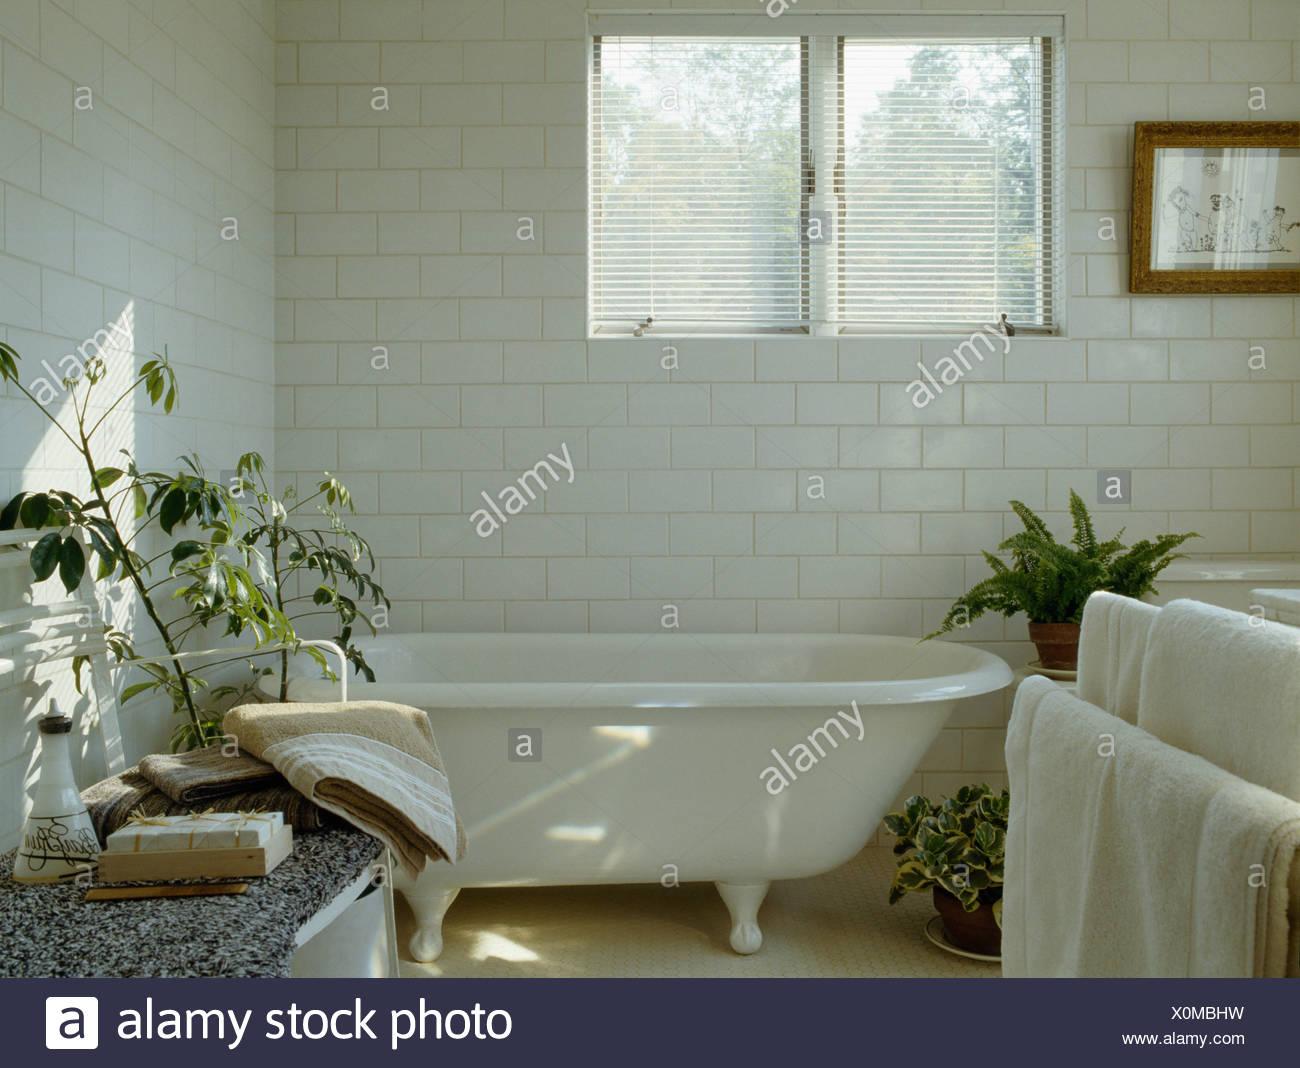 Fenetre Salle De Bain roll- haut baignoire fenêtre ci-dessous en pays blanc salle